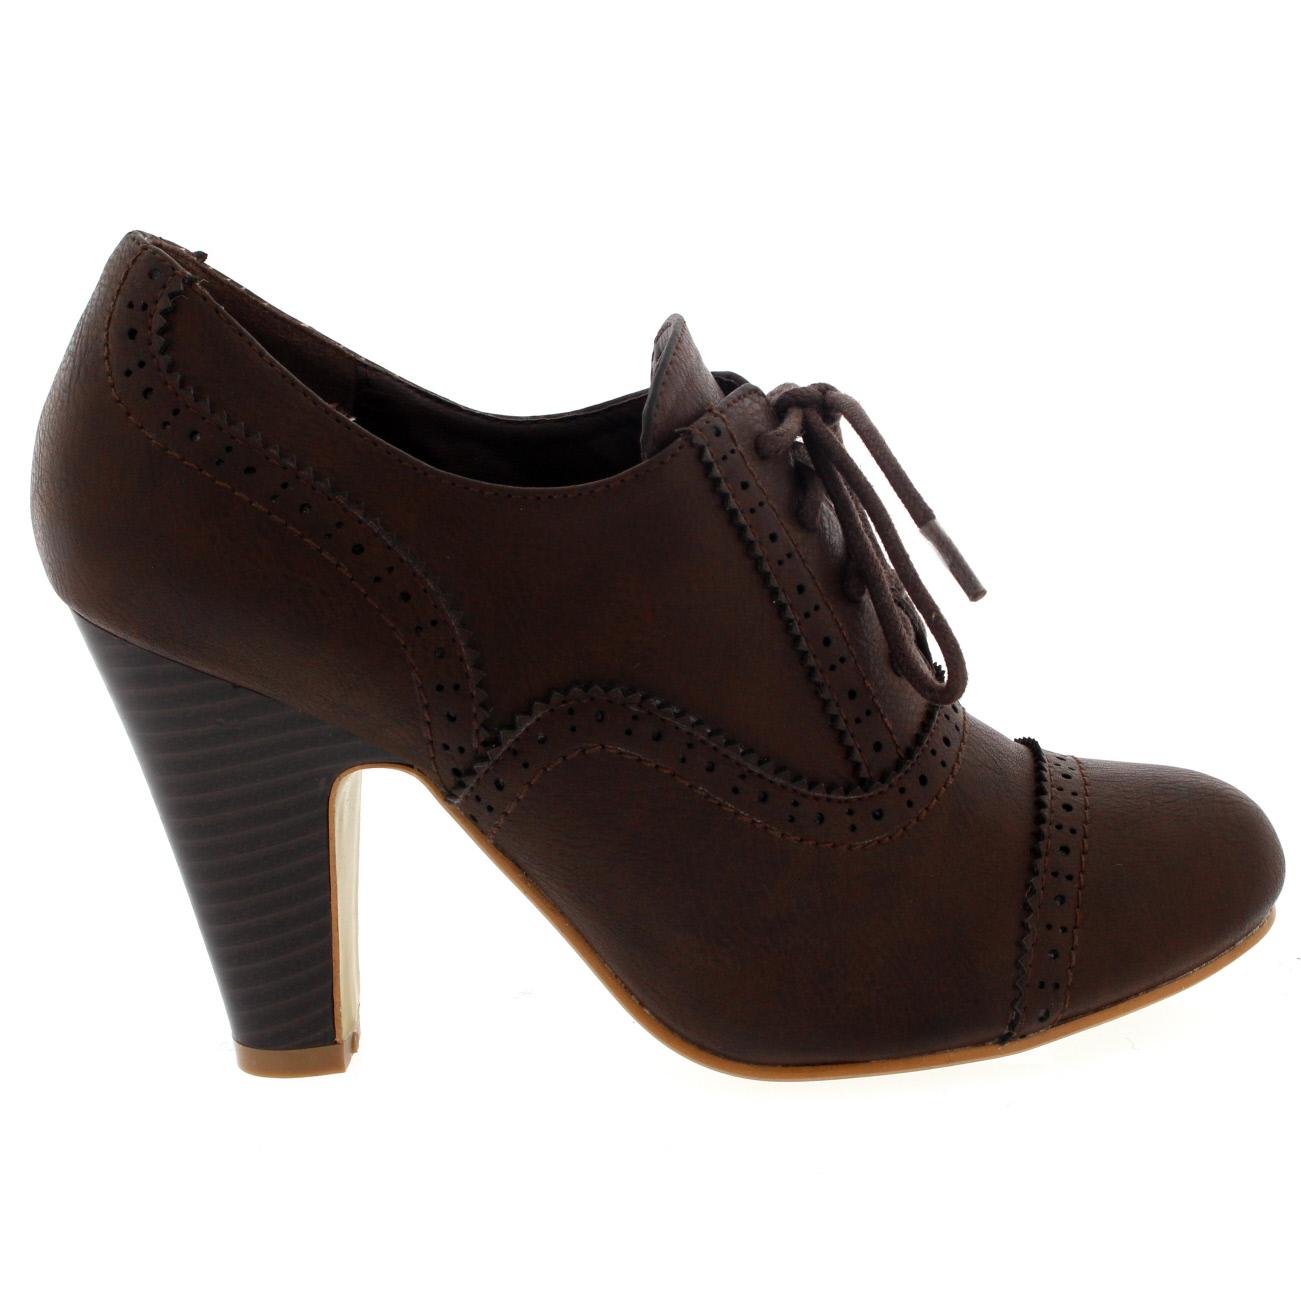 Mary Jane Heeled Shoes Uk